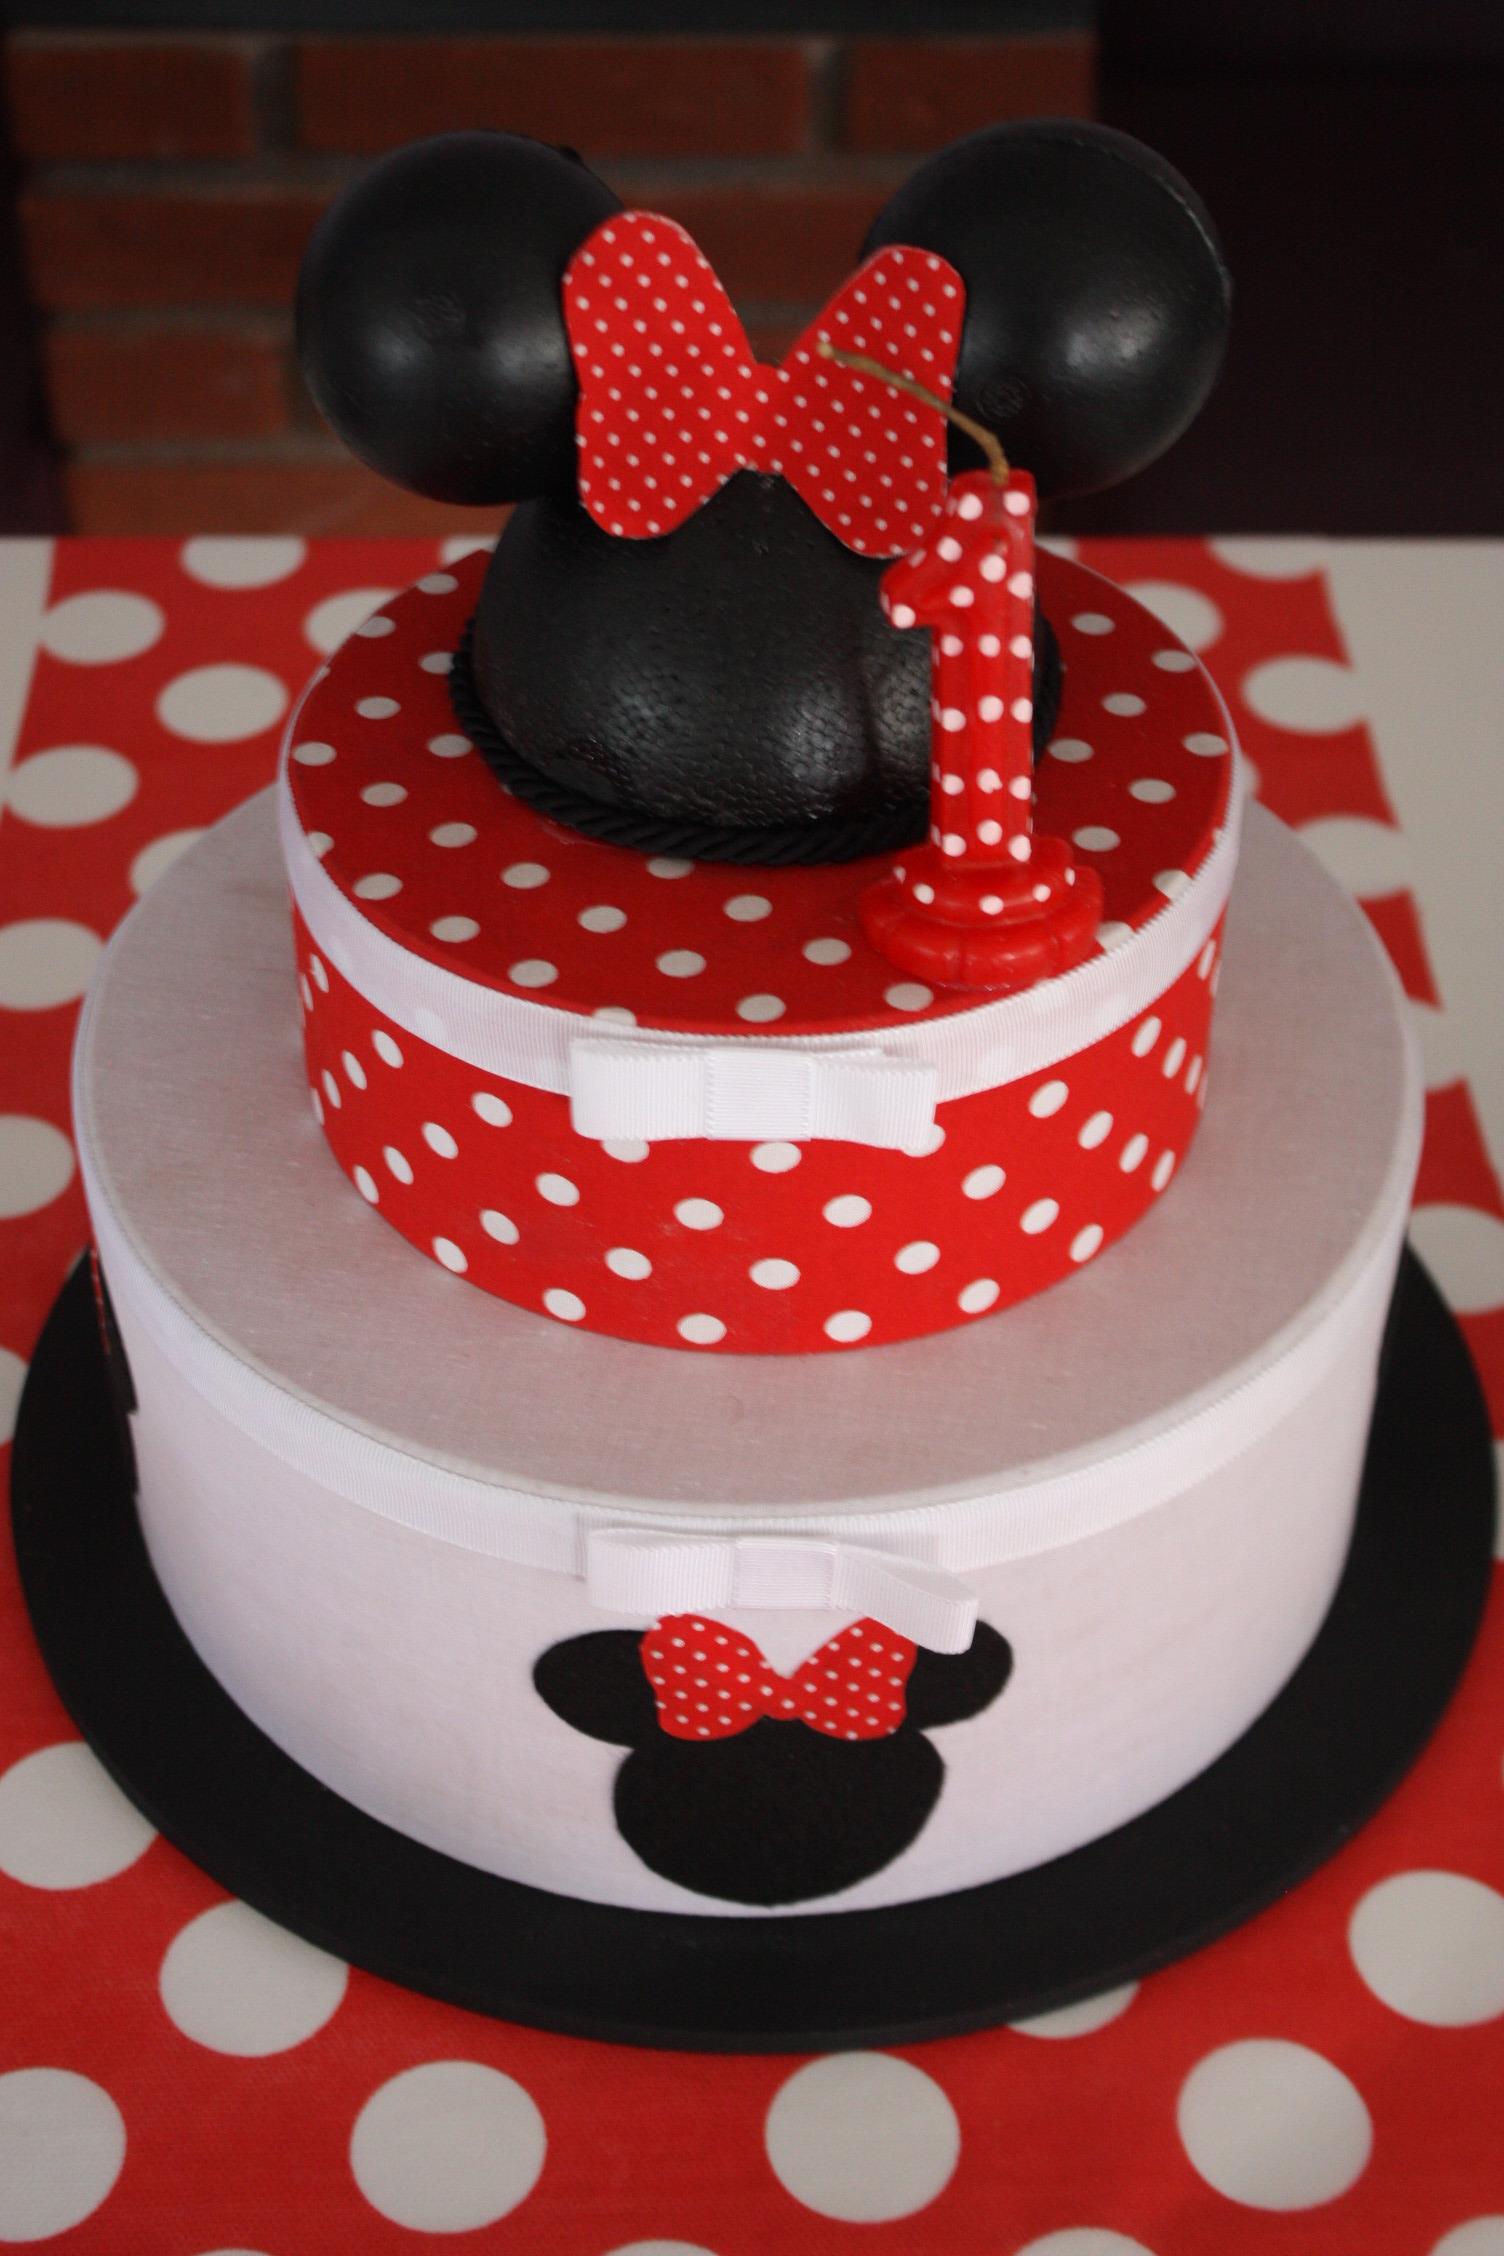 Pin Minnie Vermelha Festa Provençal Com Muro Inglês Cake on